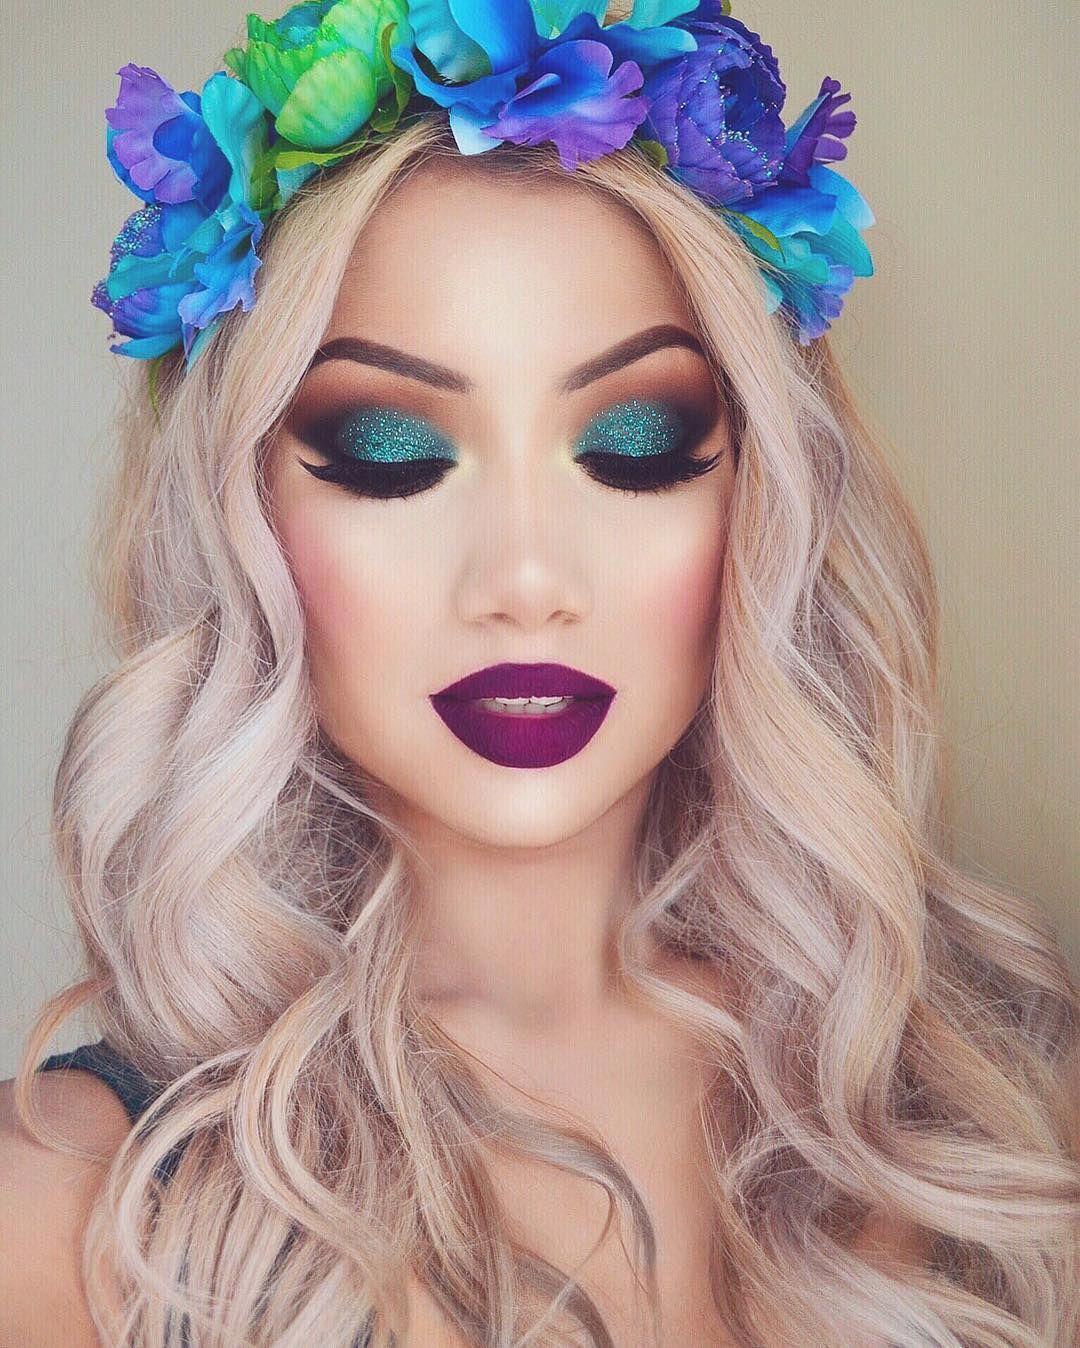 Friday night slayyyyyyy by our boo makeupbyalinna Fairy